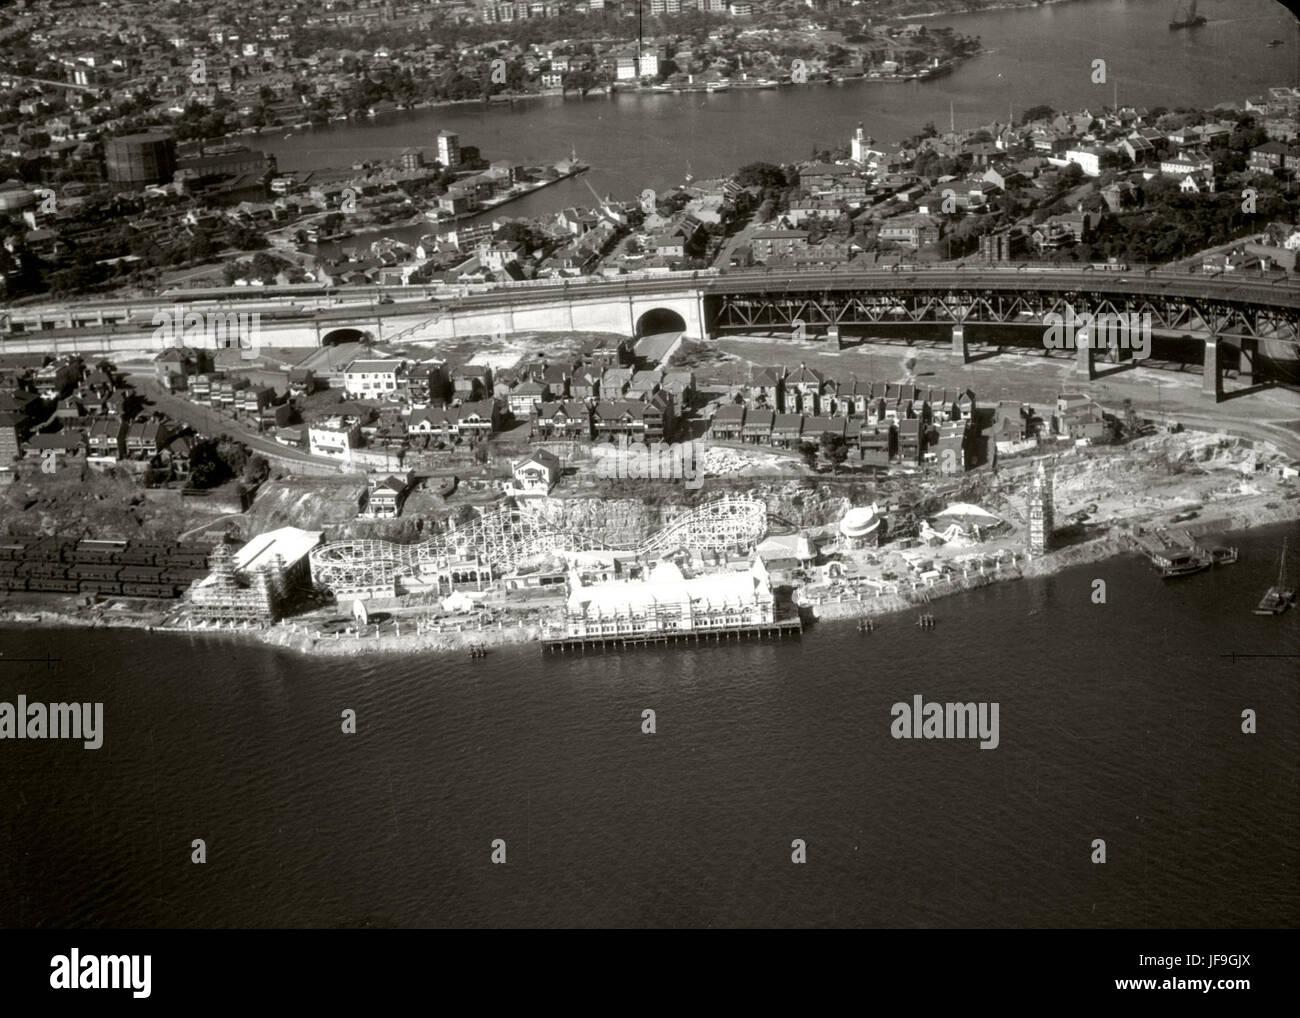 Luna Park - 1937 29867848700 o - Stock Image